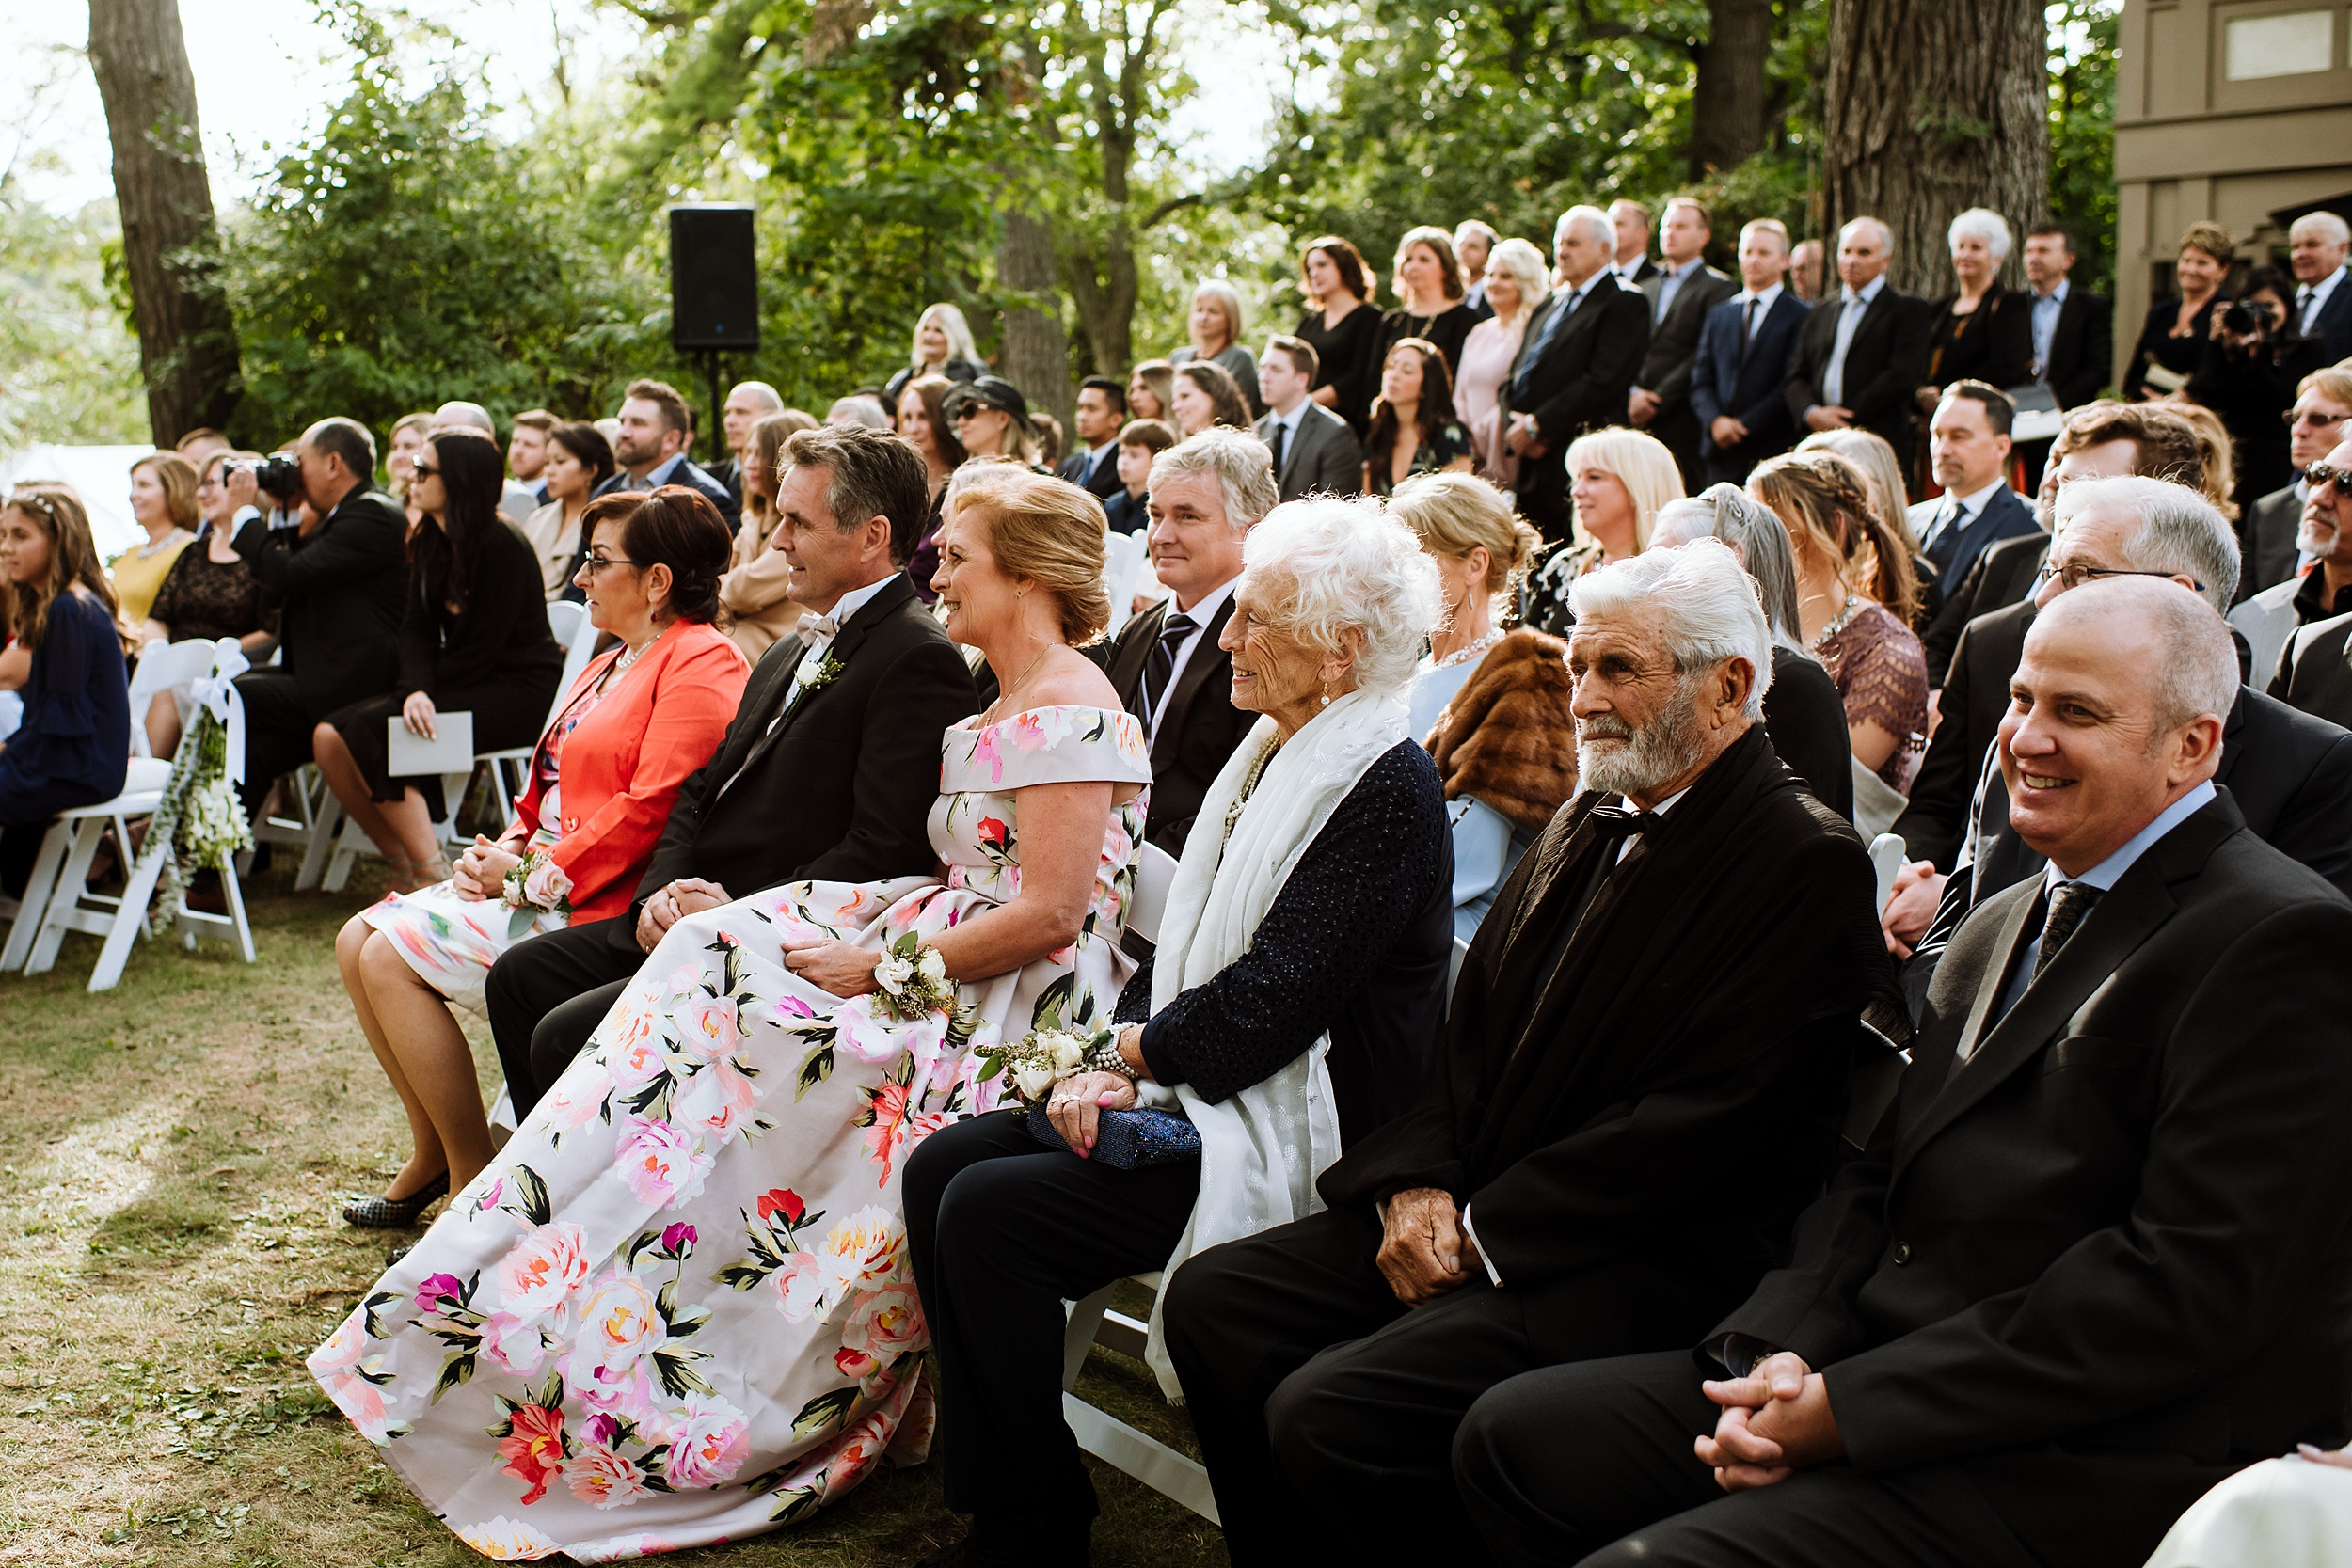 Rustic_Backyard_Wedding_Toronto_Photographer099.jpg